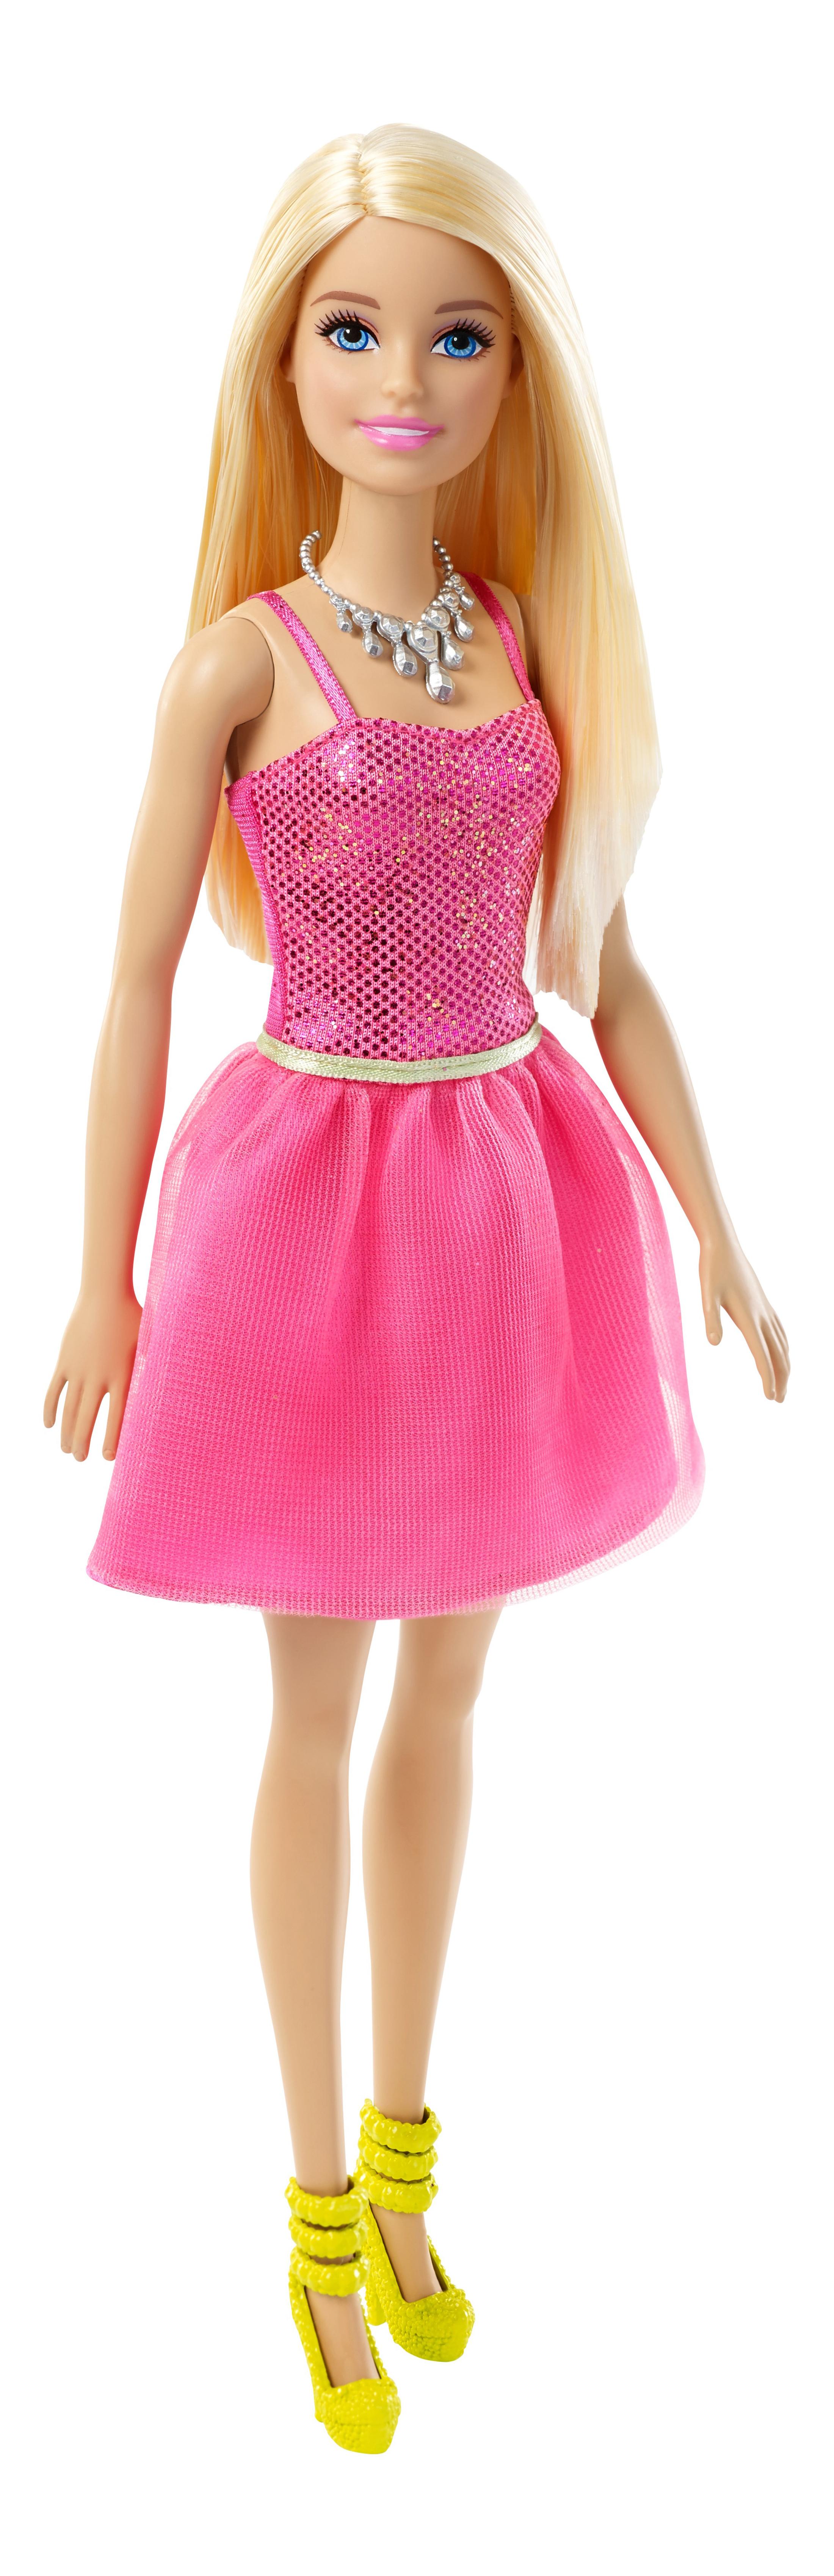 Купить Кукла Barbie из серии сияние моды T7580 DGX82, Куклы Barbie